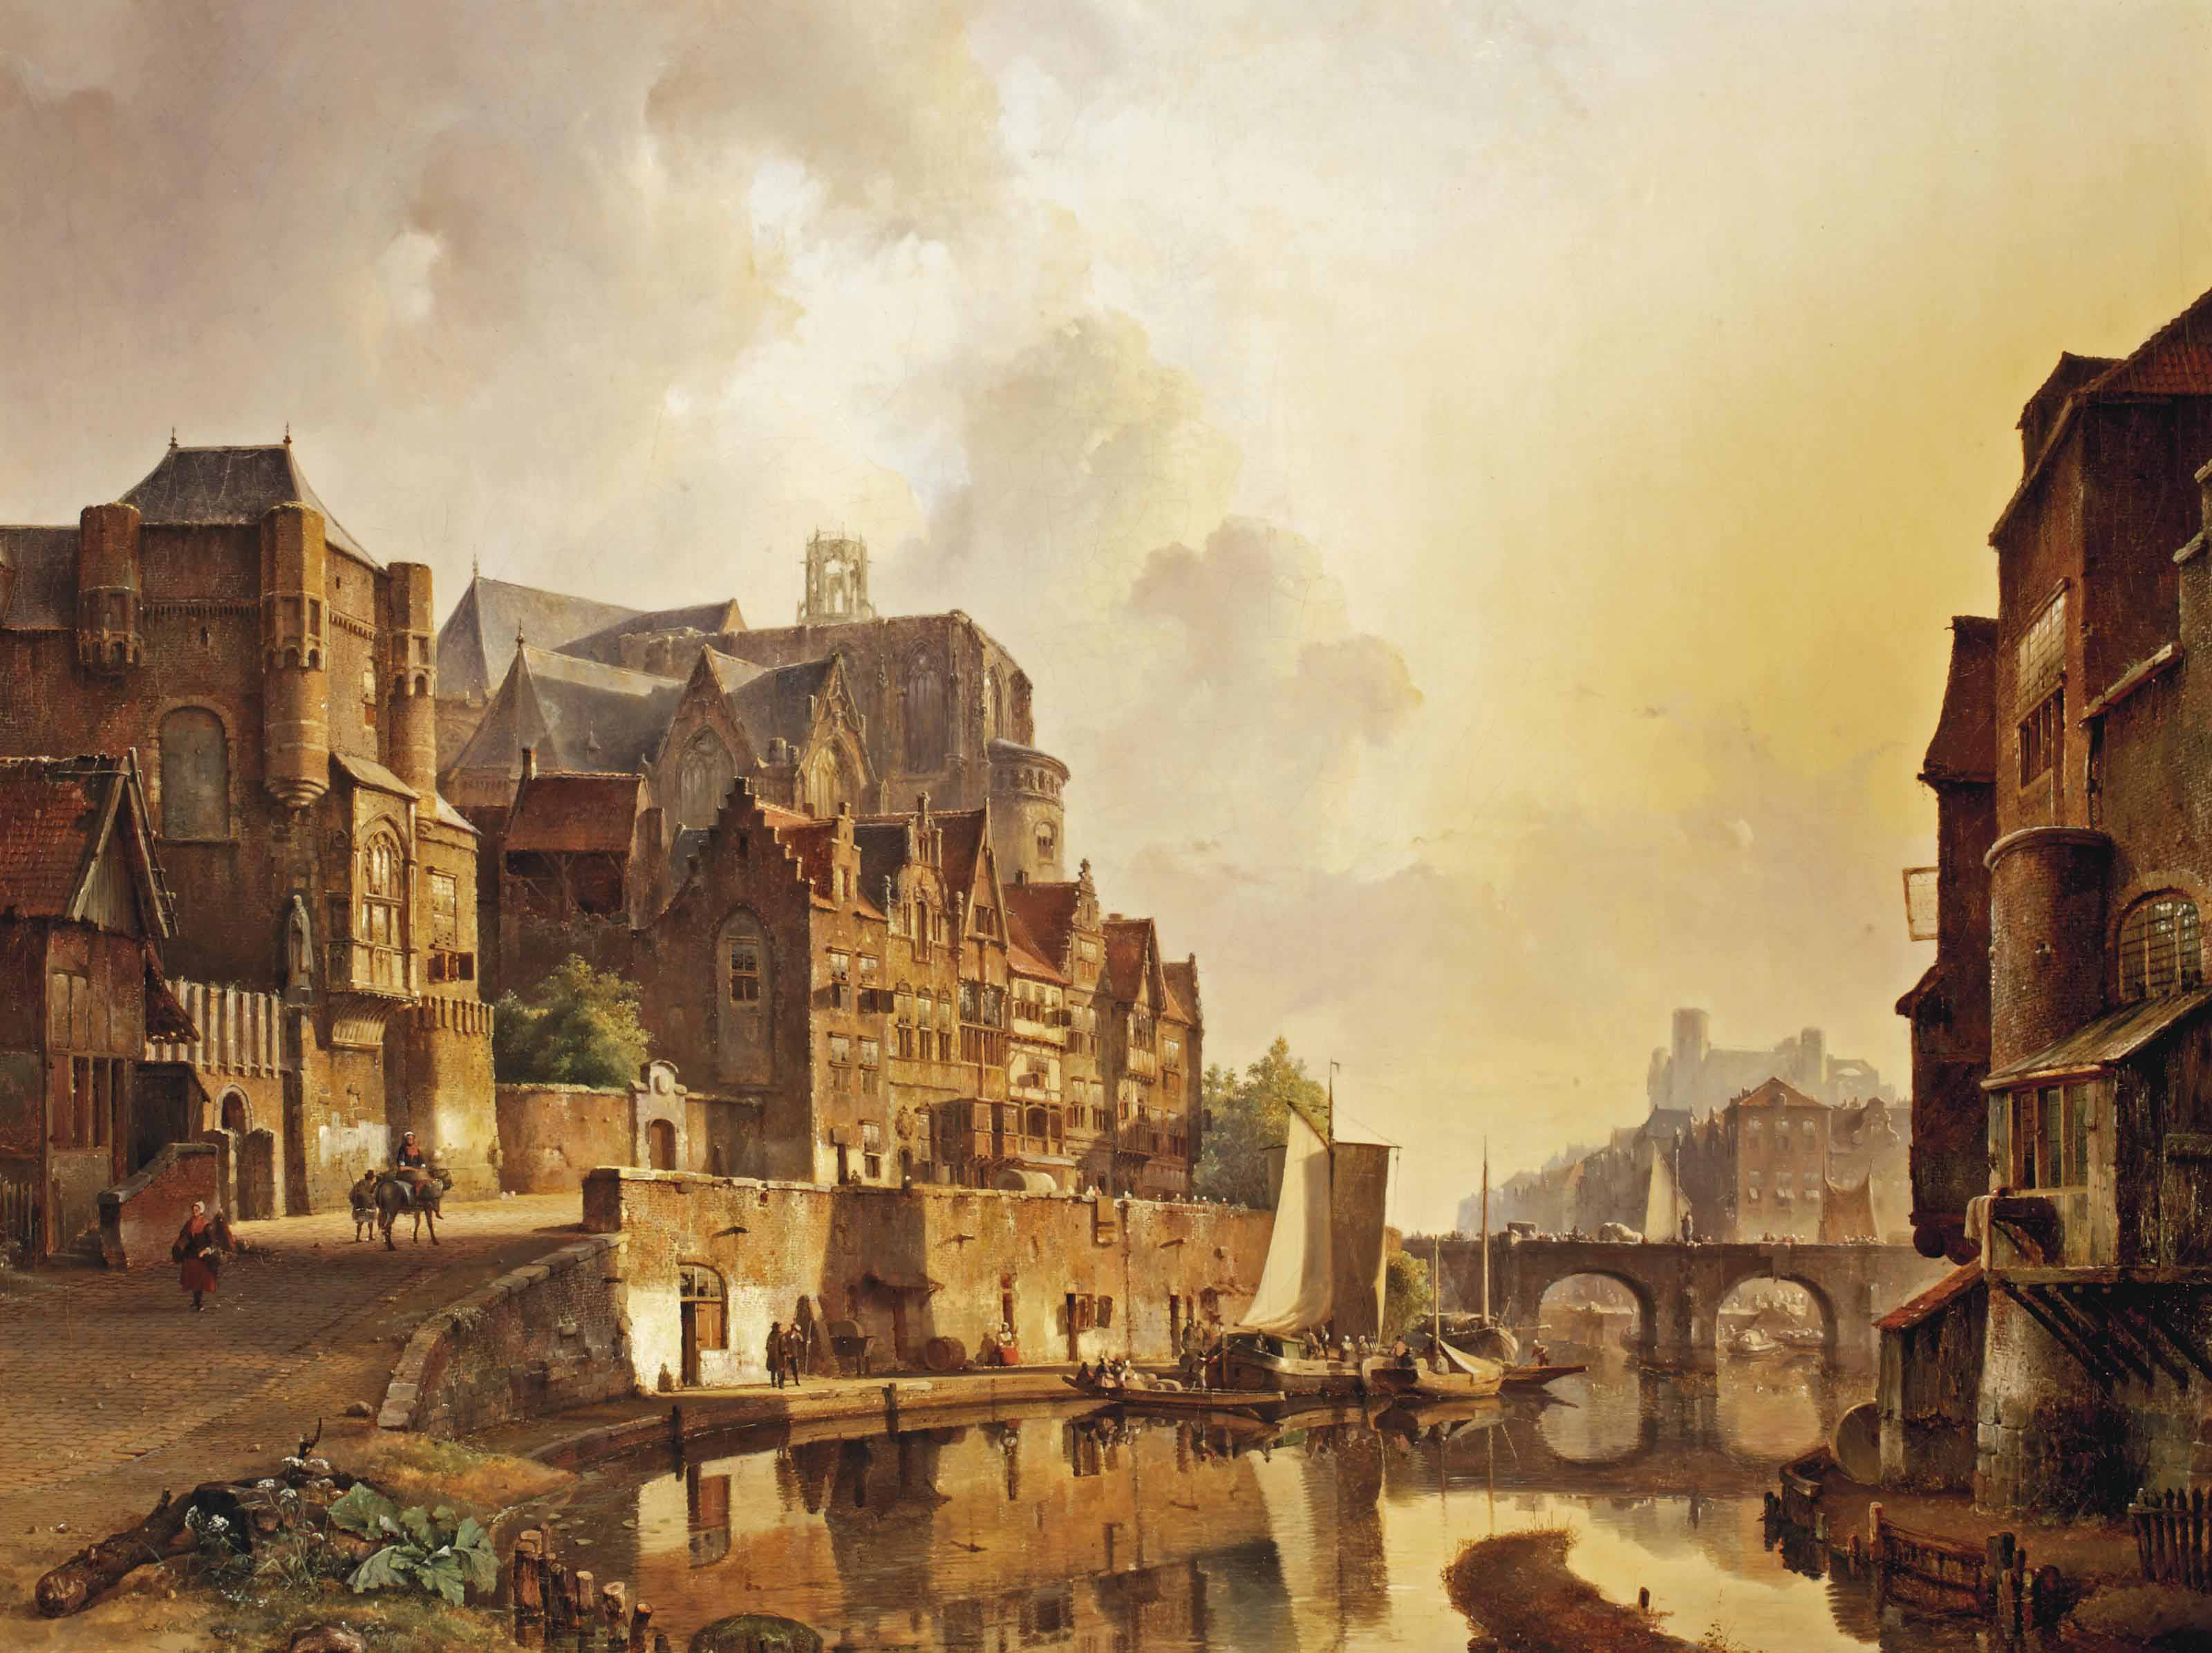 A capriccio view of a Dutch town